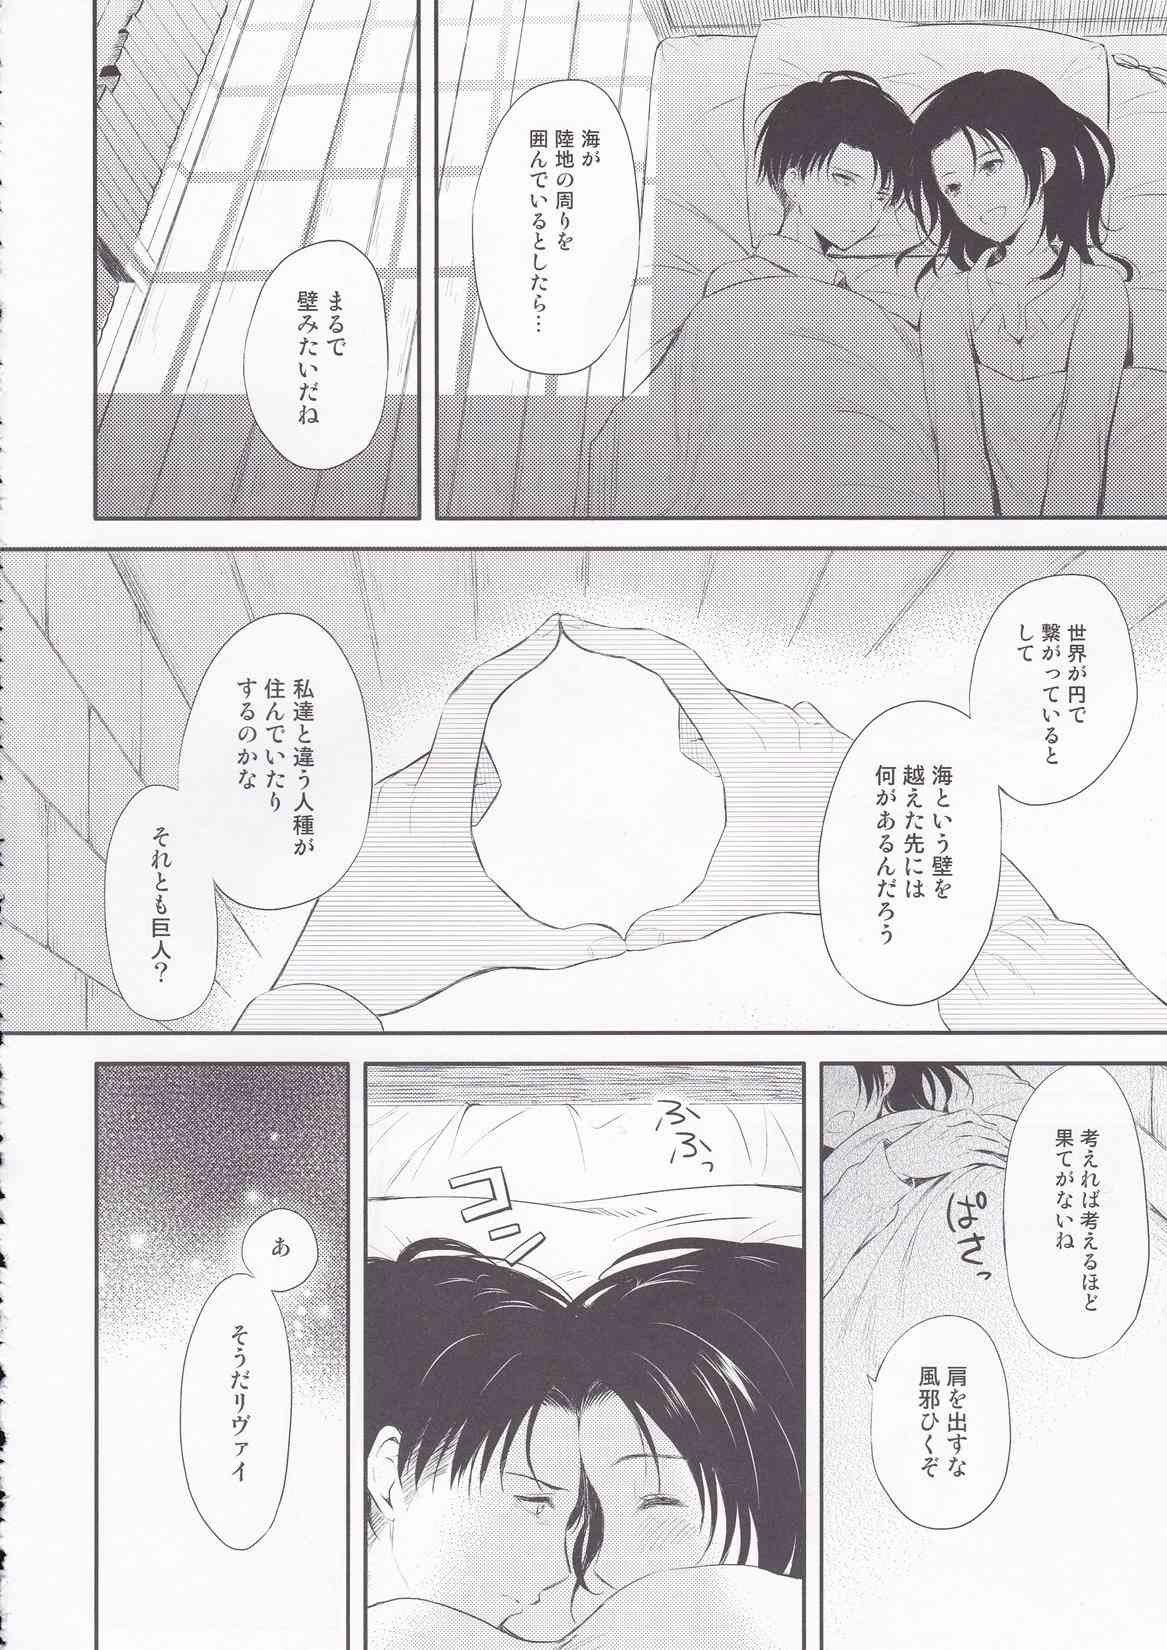 【エロ漫画】メガネっ娘のハンジがリヴァイ兵長とベッドでイチャラブセックスを繰り広げてますwwwww